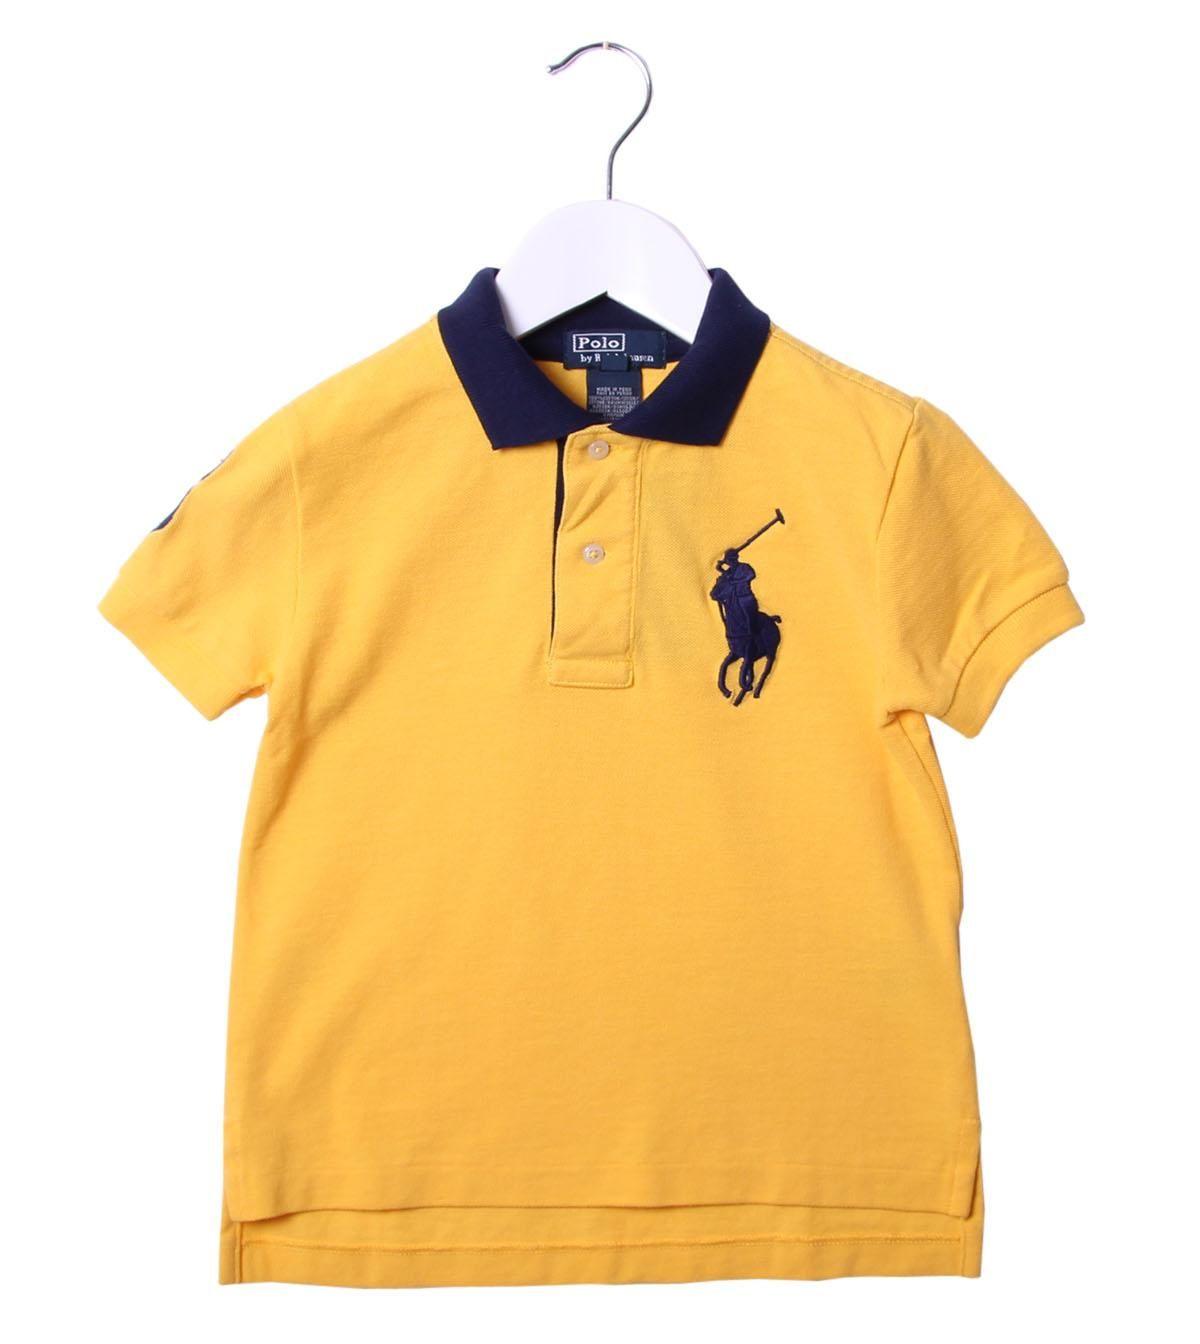 Ralph Lauren Yellow/Navy Collar Polo Shirt